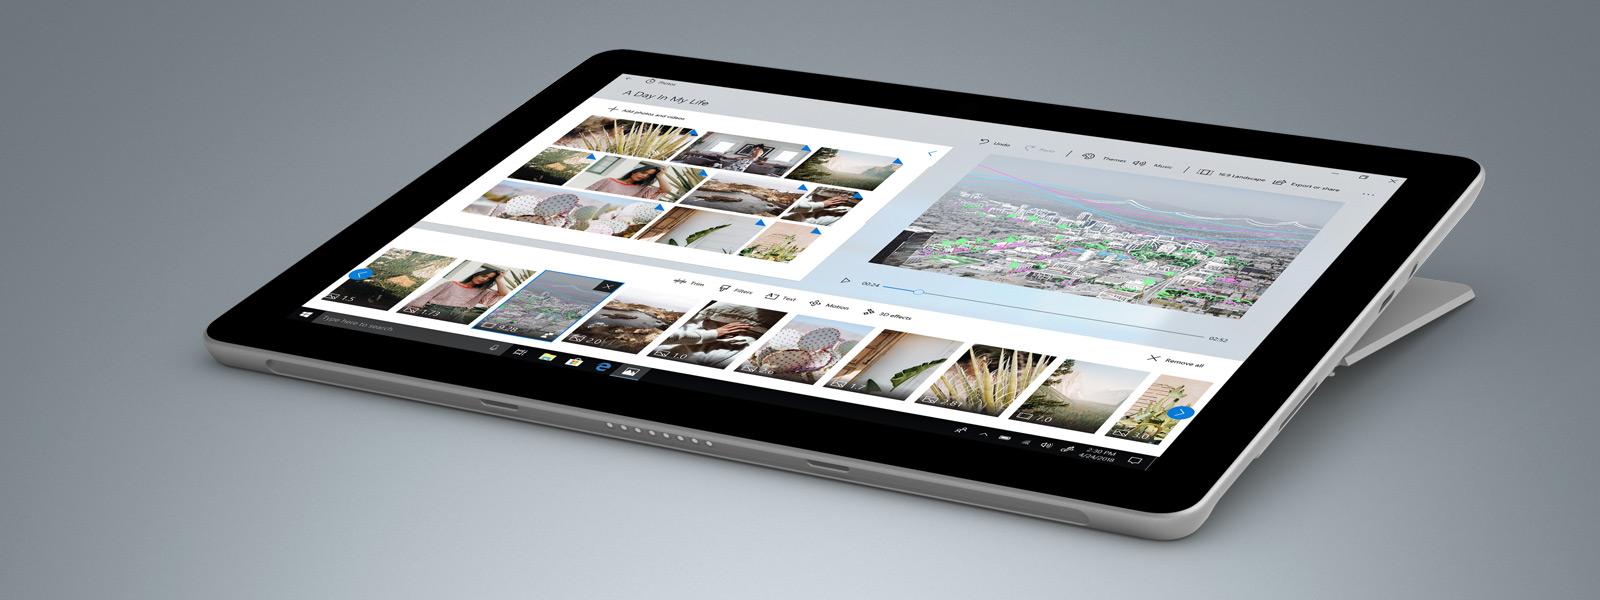 جهاز Surface Go وعليه تطبيق الصور